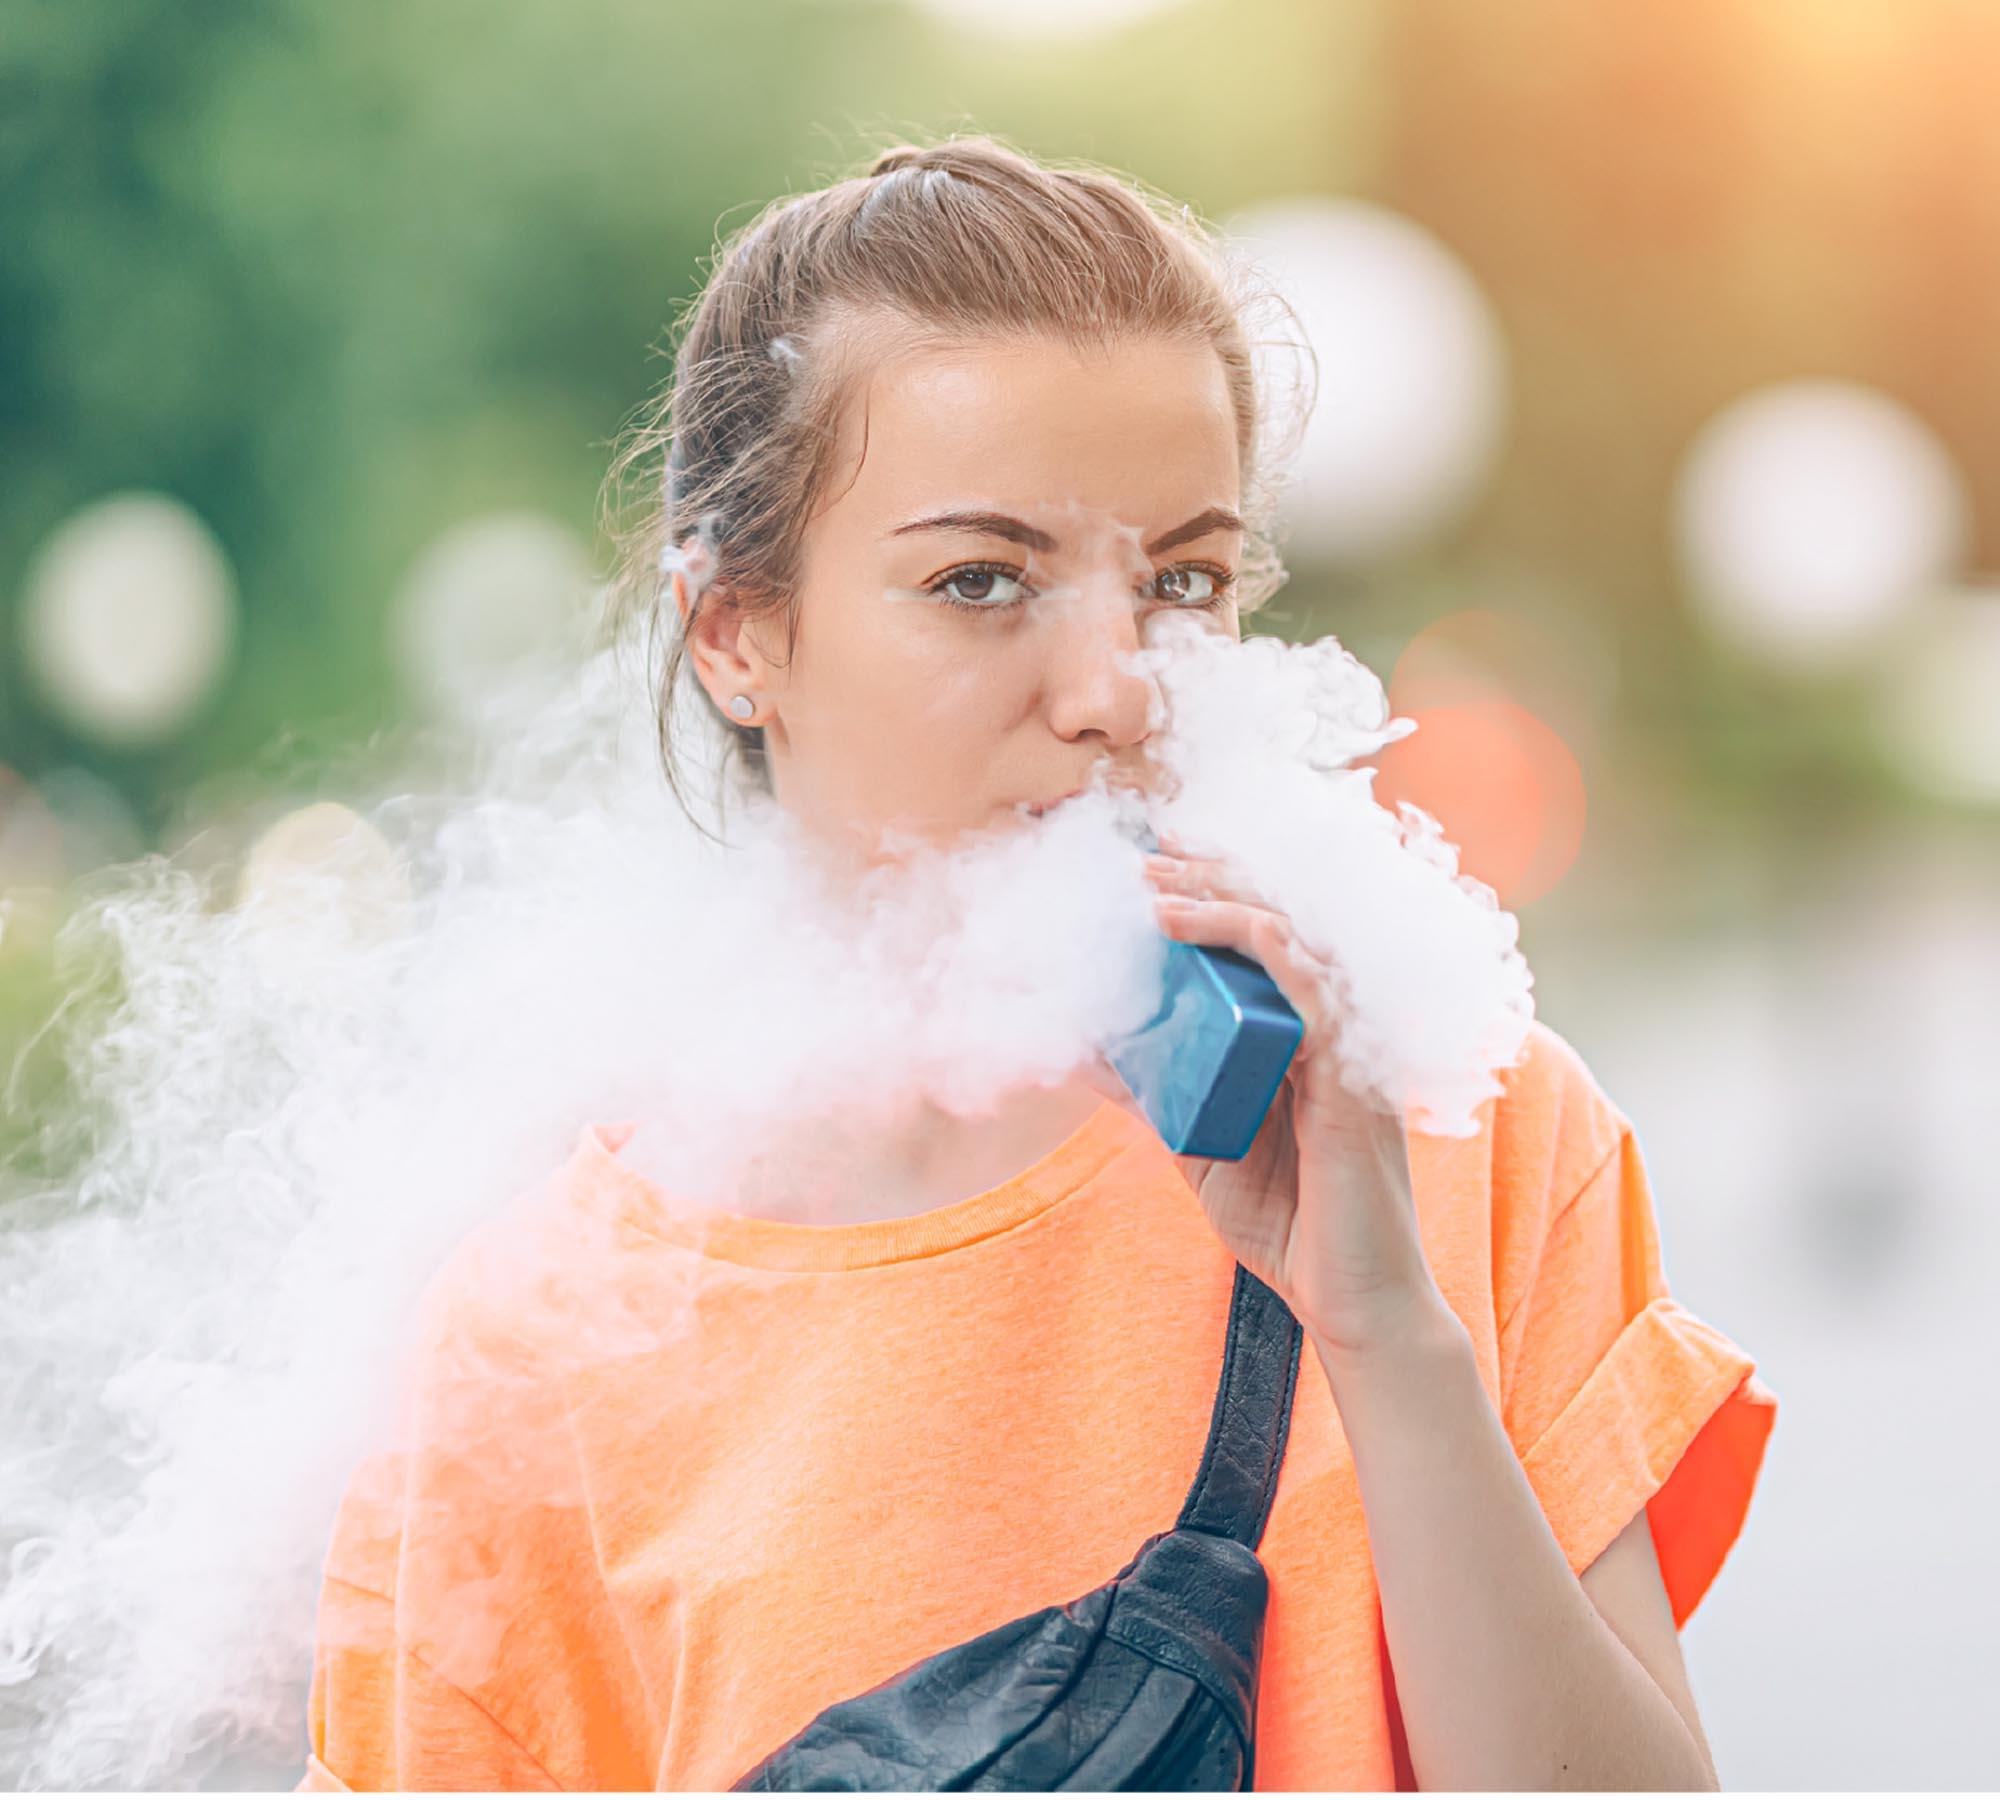 Mujer vestida de anaranjado, soltando una nube de vapor densa